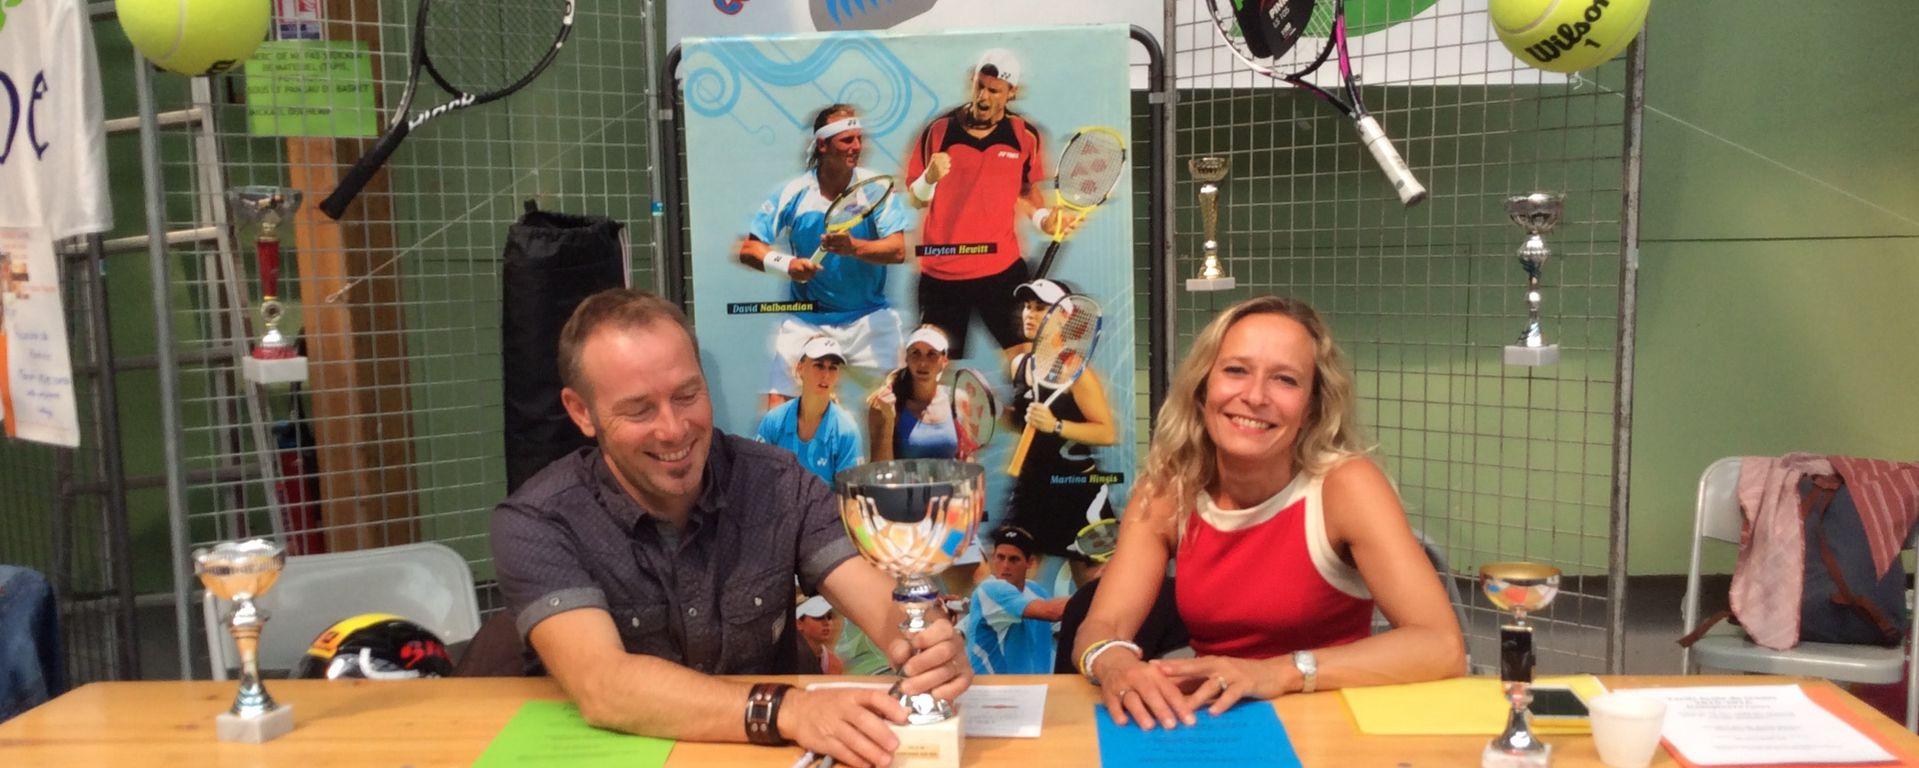 Le Tennis Club lors du Forum Associatif en 2015 (Copyright - Mairie de Dompierre sur Mer)